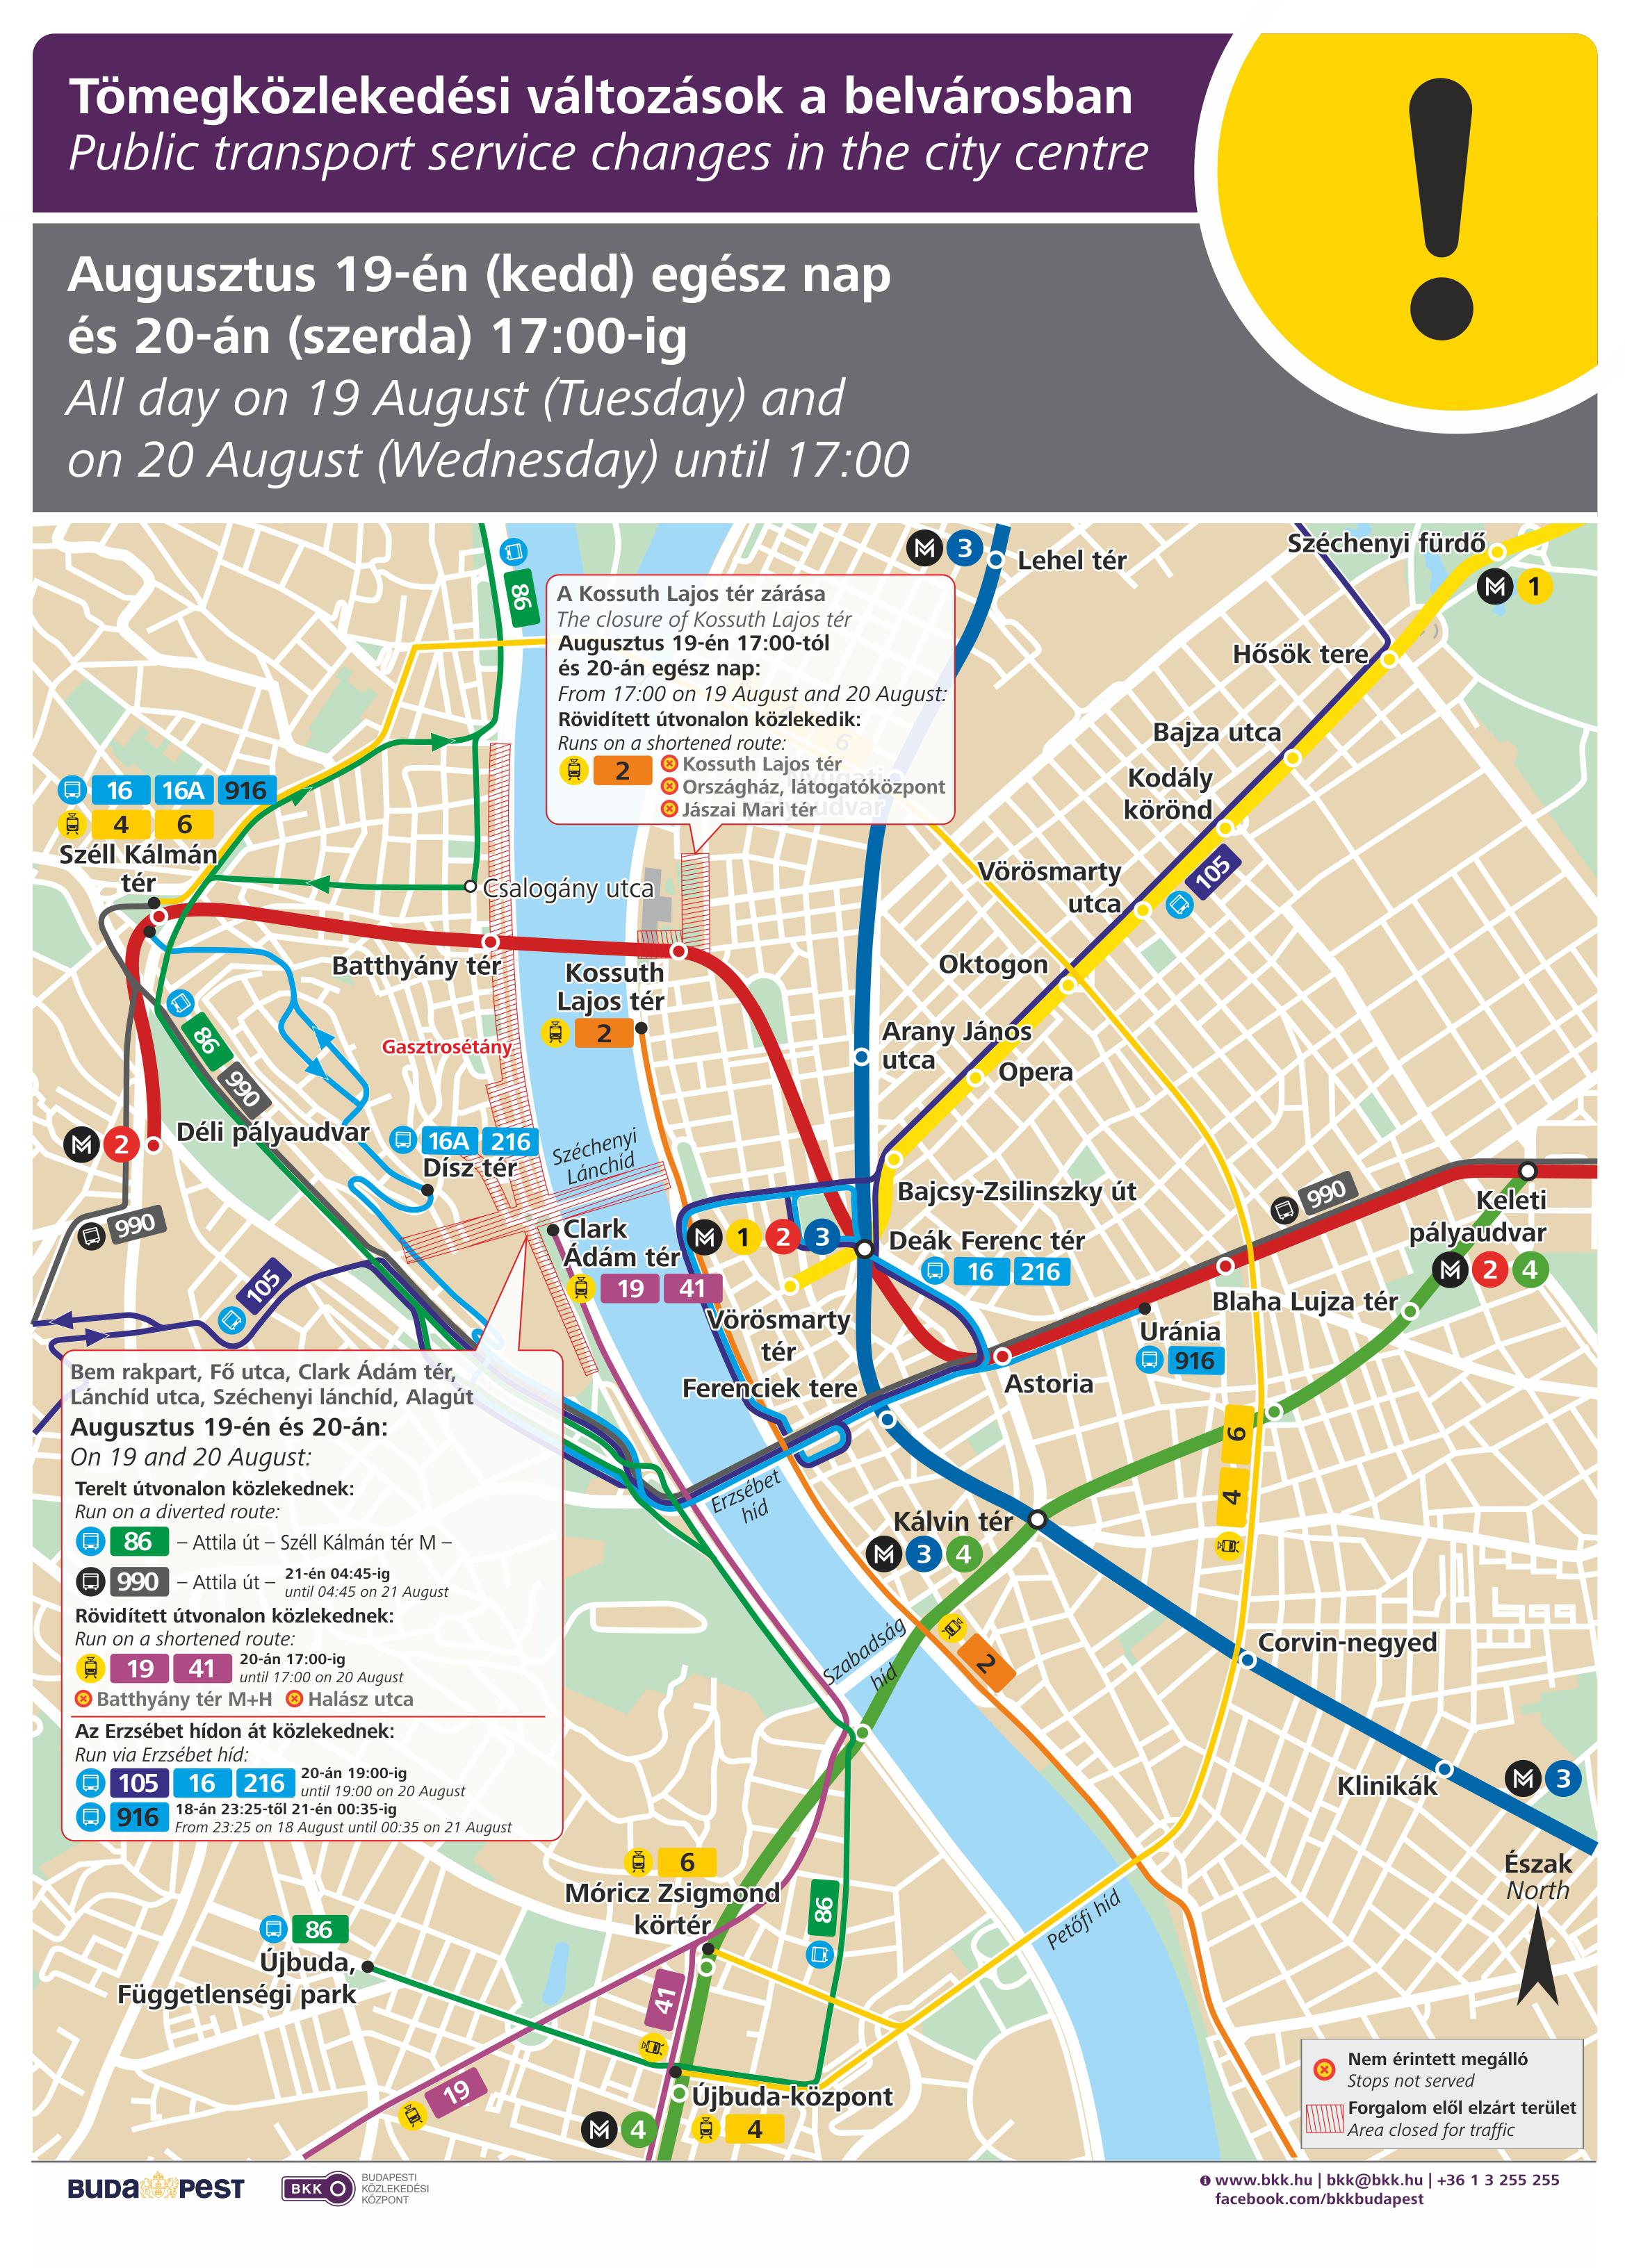 budapest 2 es villamos útvonala térkép IHO   Vasút   Ünnepi menetrendek, lezárások augusztus 20 án budapest 2 es villamos útvonala térkép